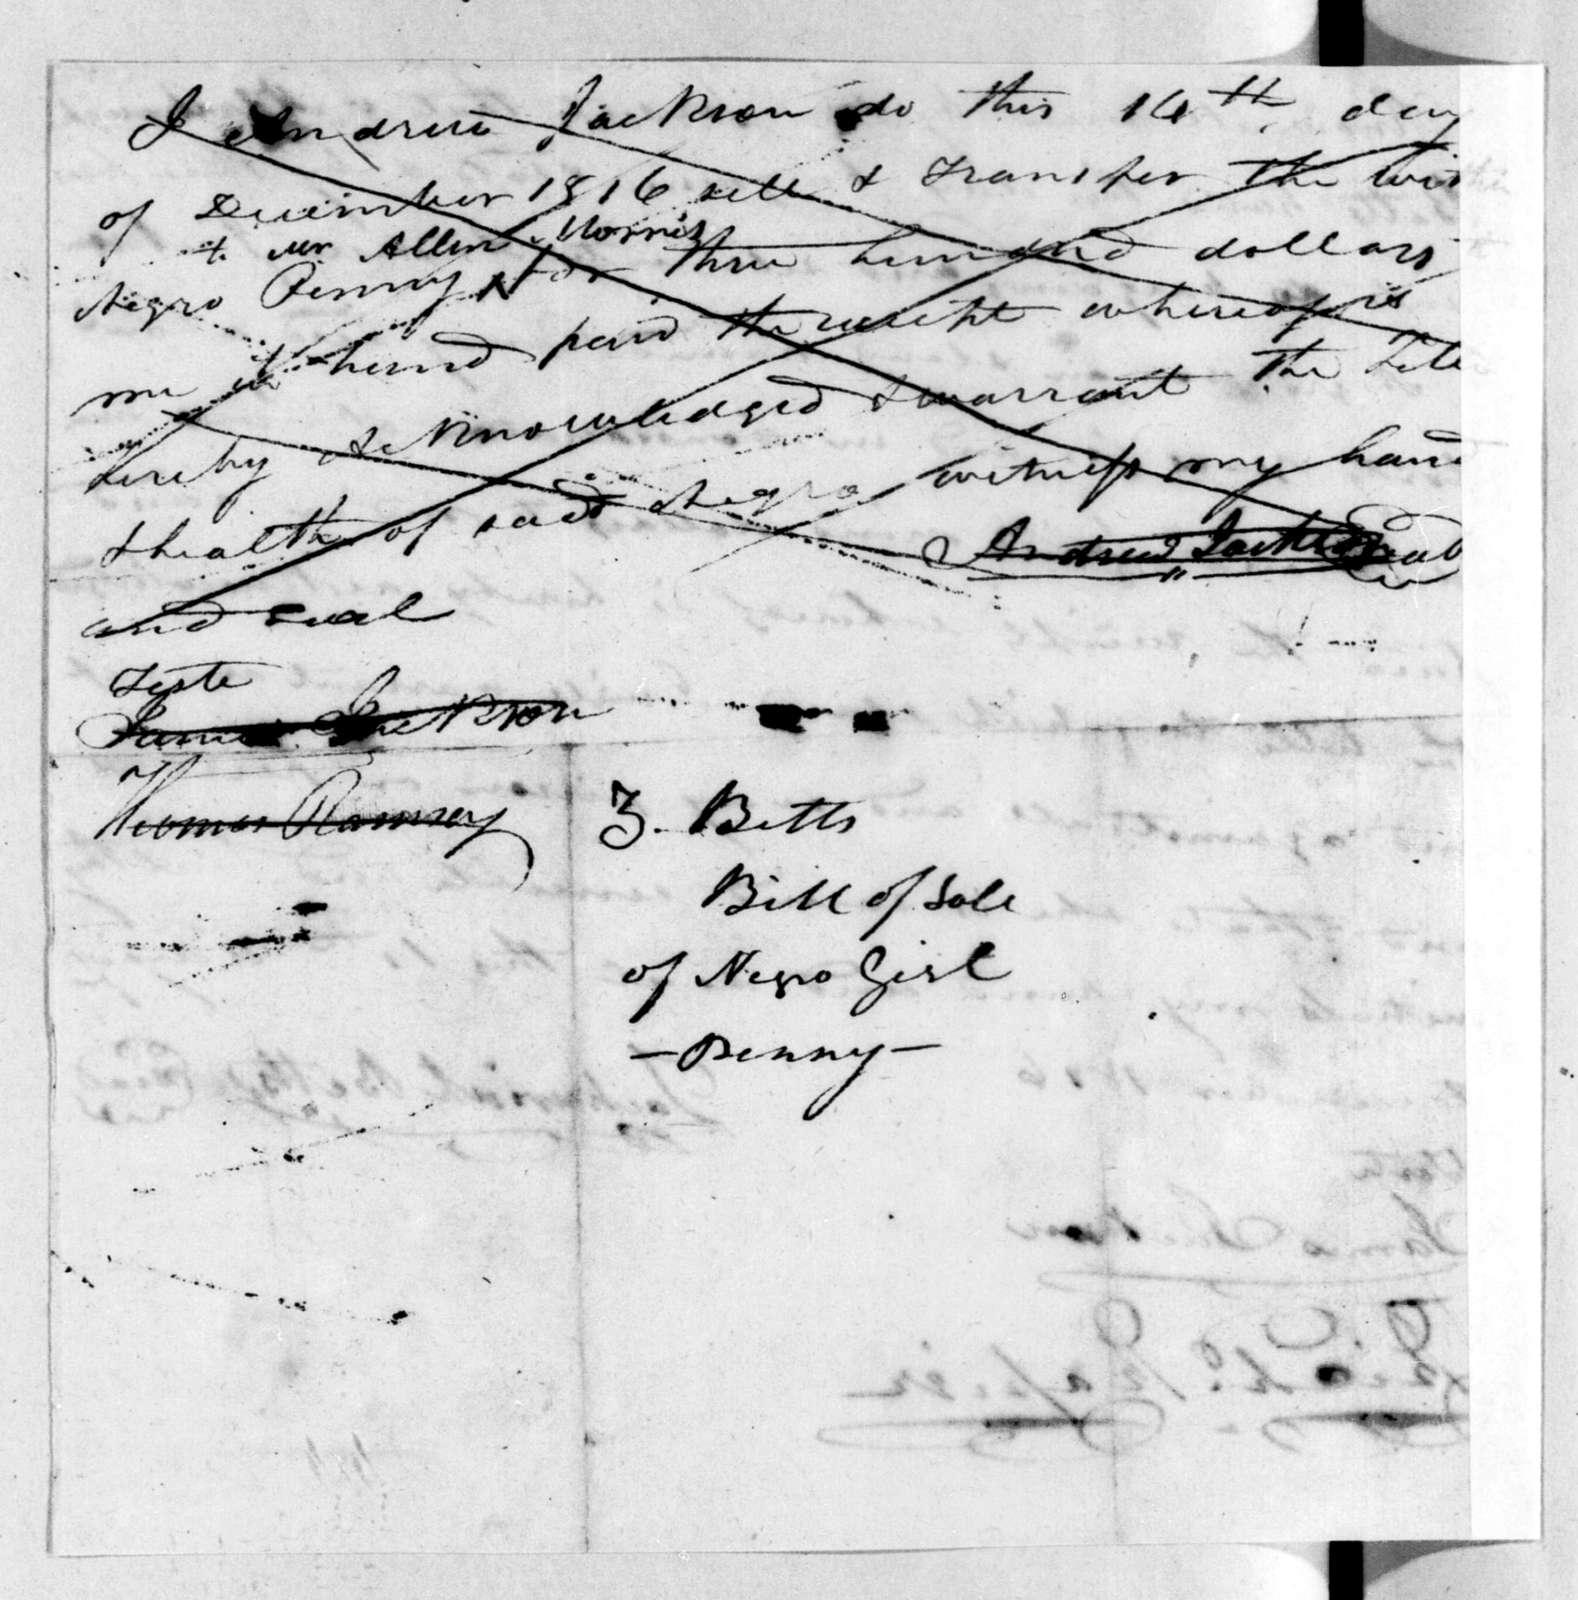 Zachariah Betts to Andrew Jackson, December 14, 1816